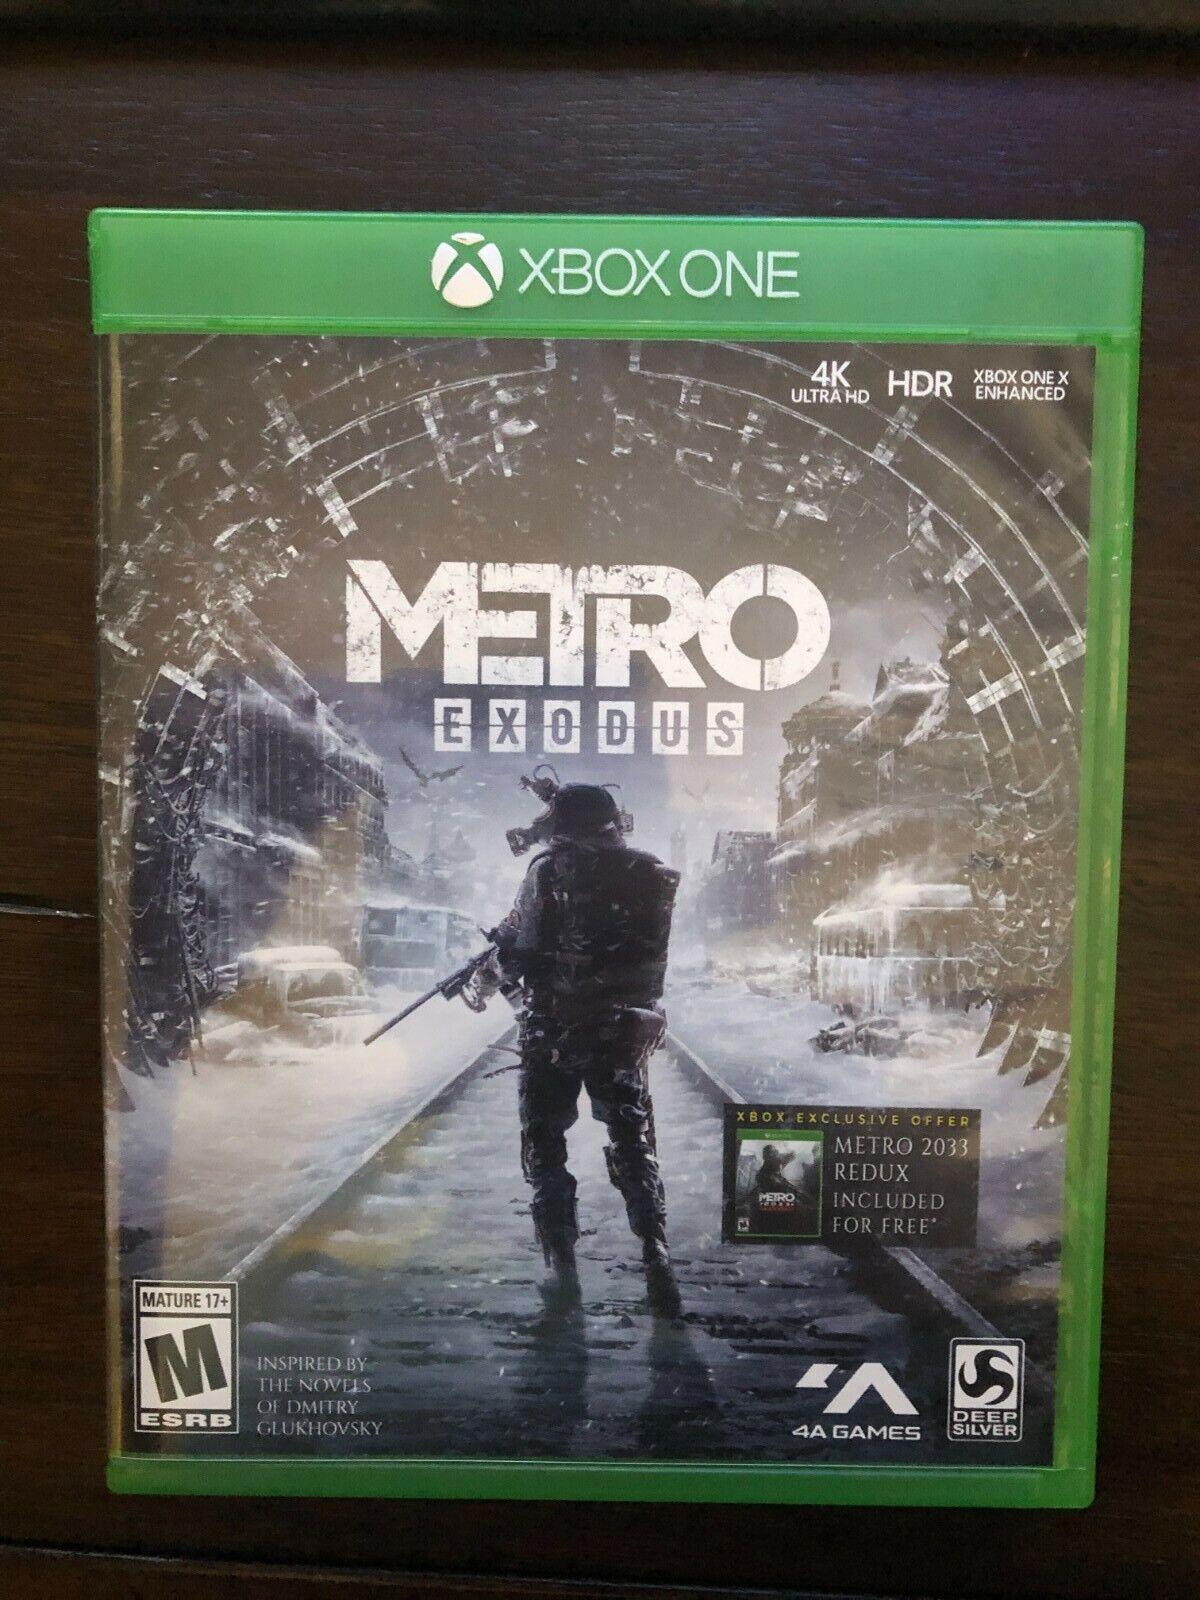 Metro Exodus - Microsoft Xbox One FREE Copy Of Metro 2033 Redux - $8.00